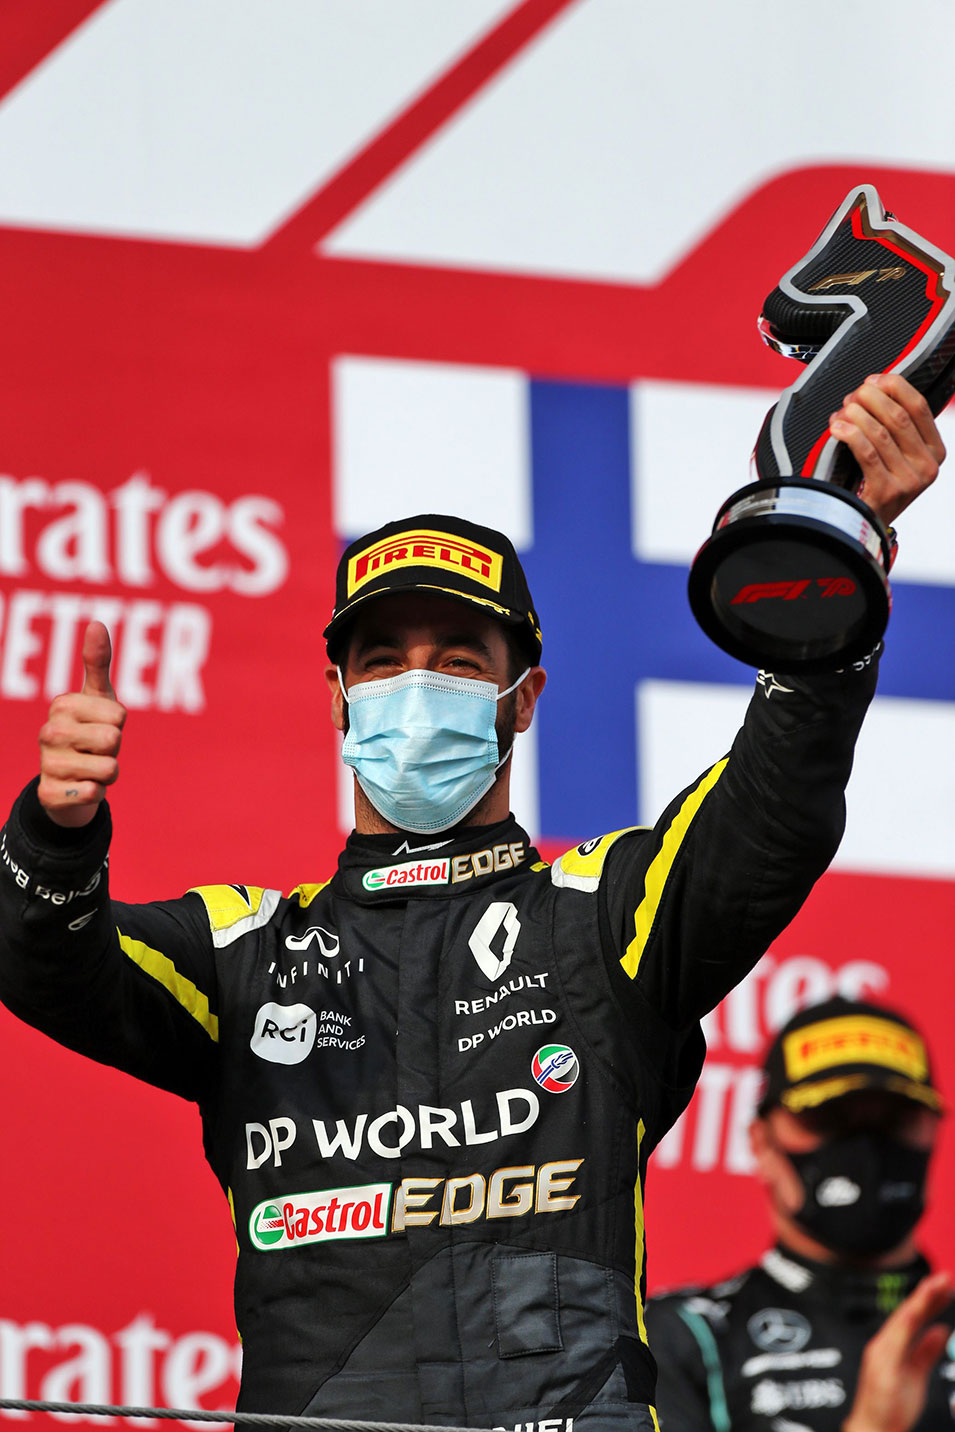 Η Renault World F1 Team, στο πόντιουμ των νικητών, για 2η φορά αυτή τη σεζόν